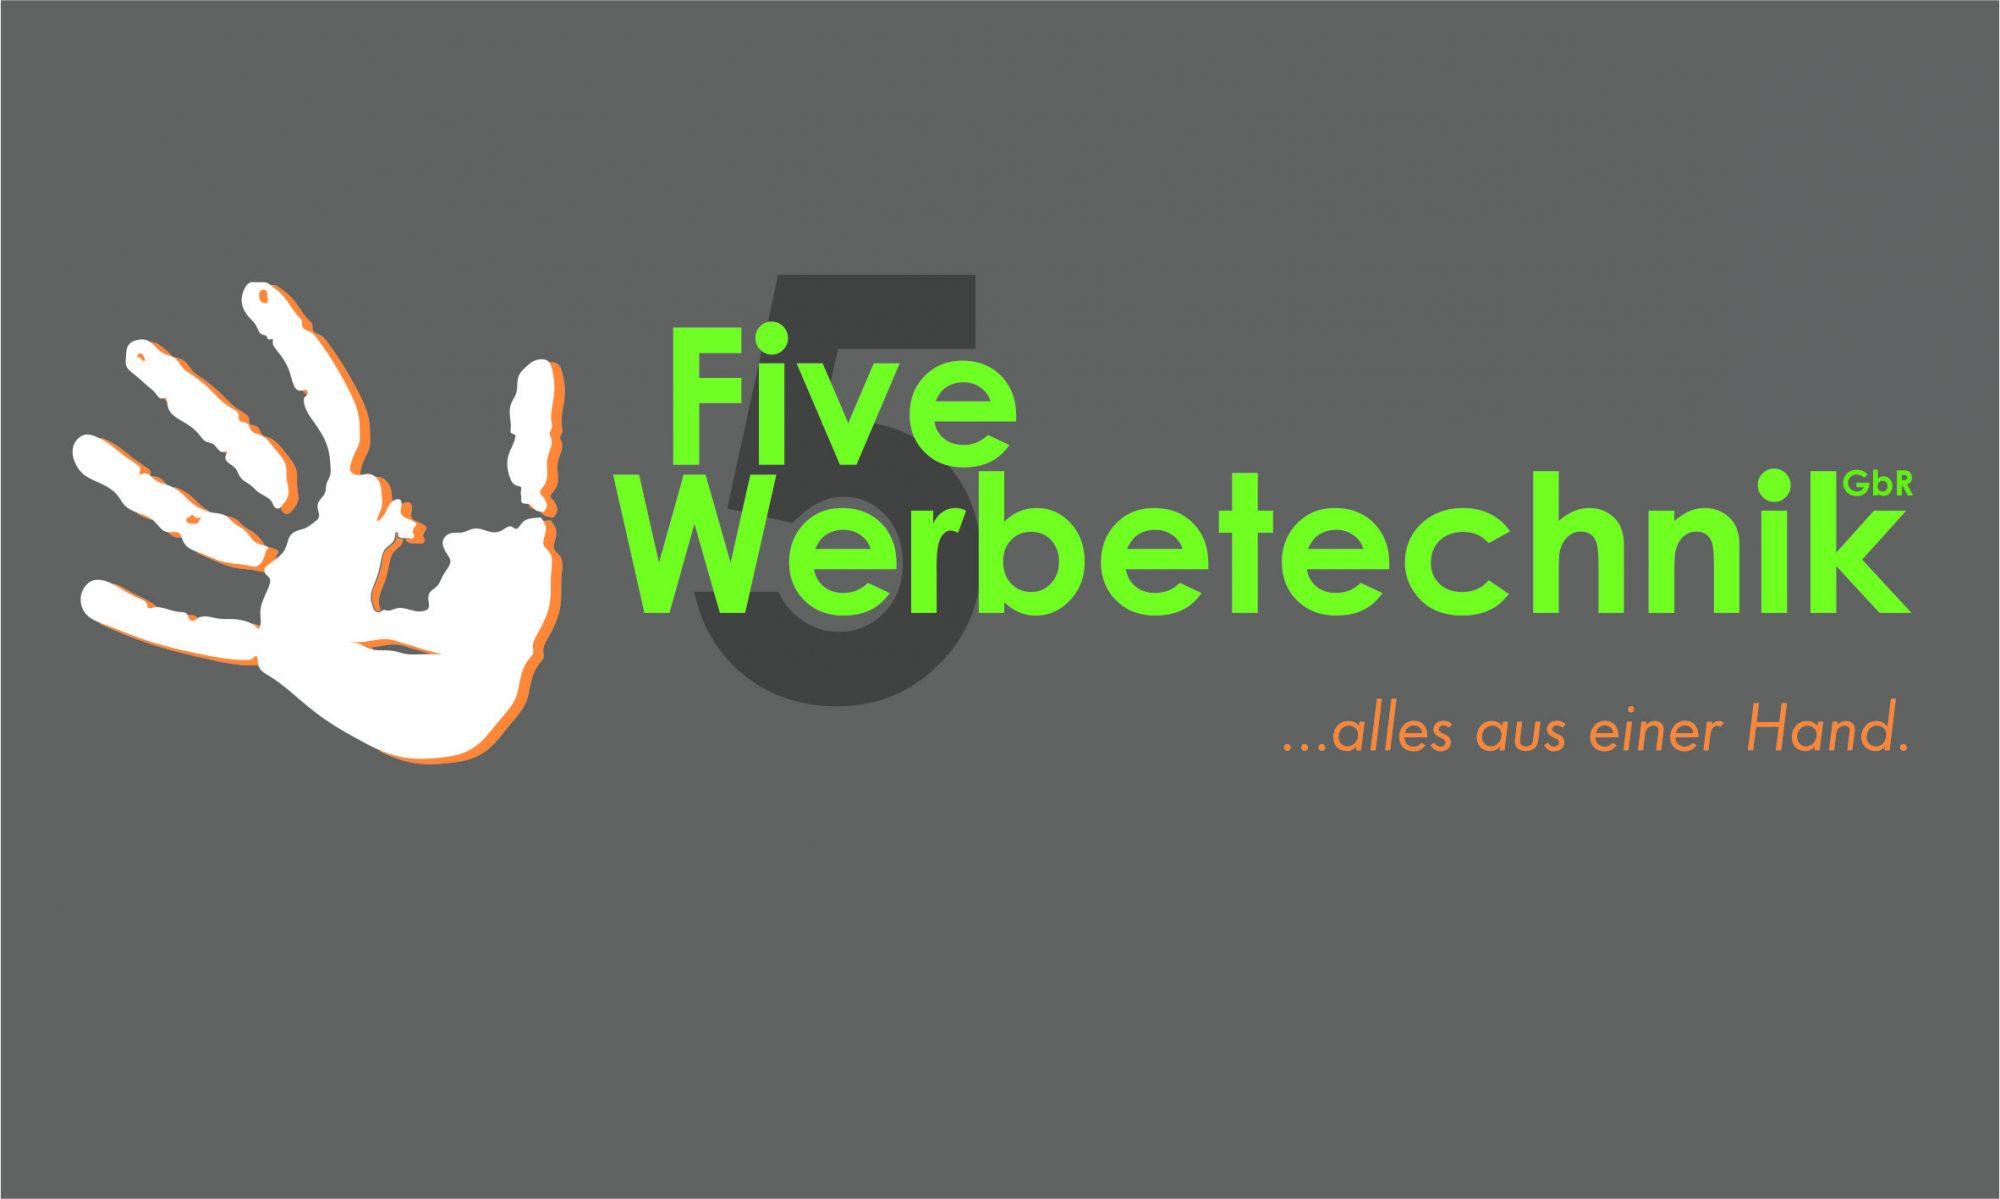 Five Werbetechnik